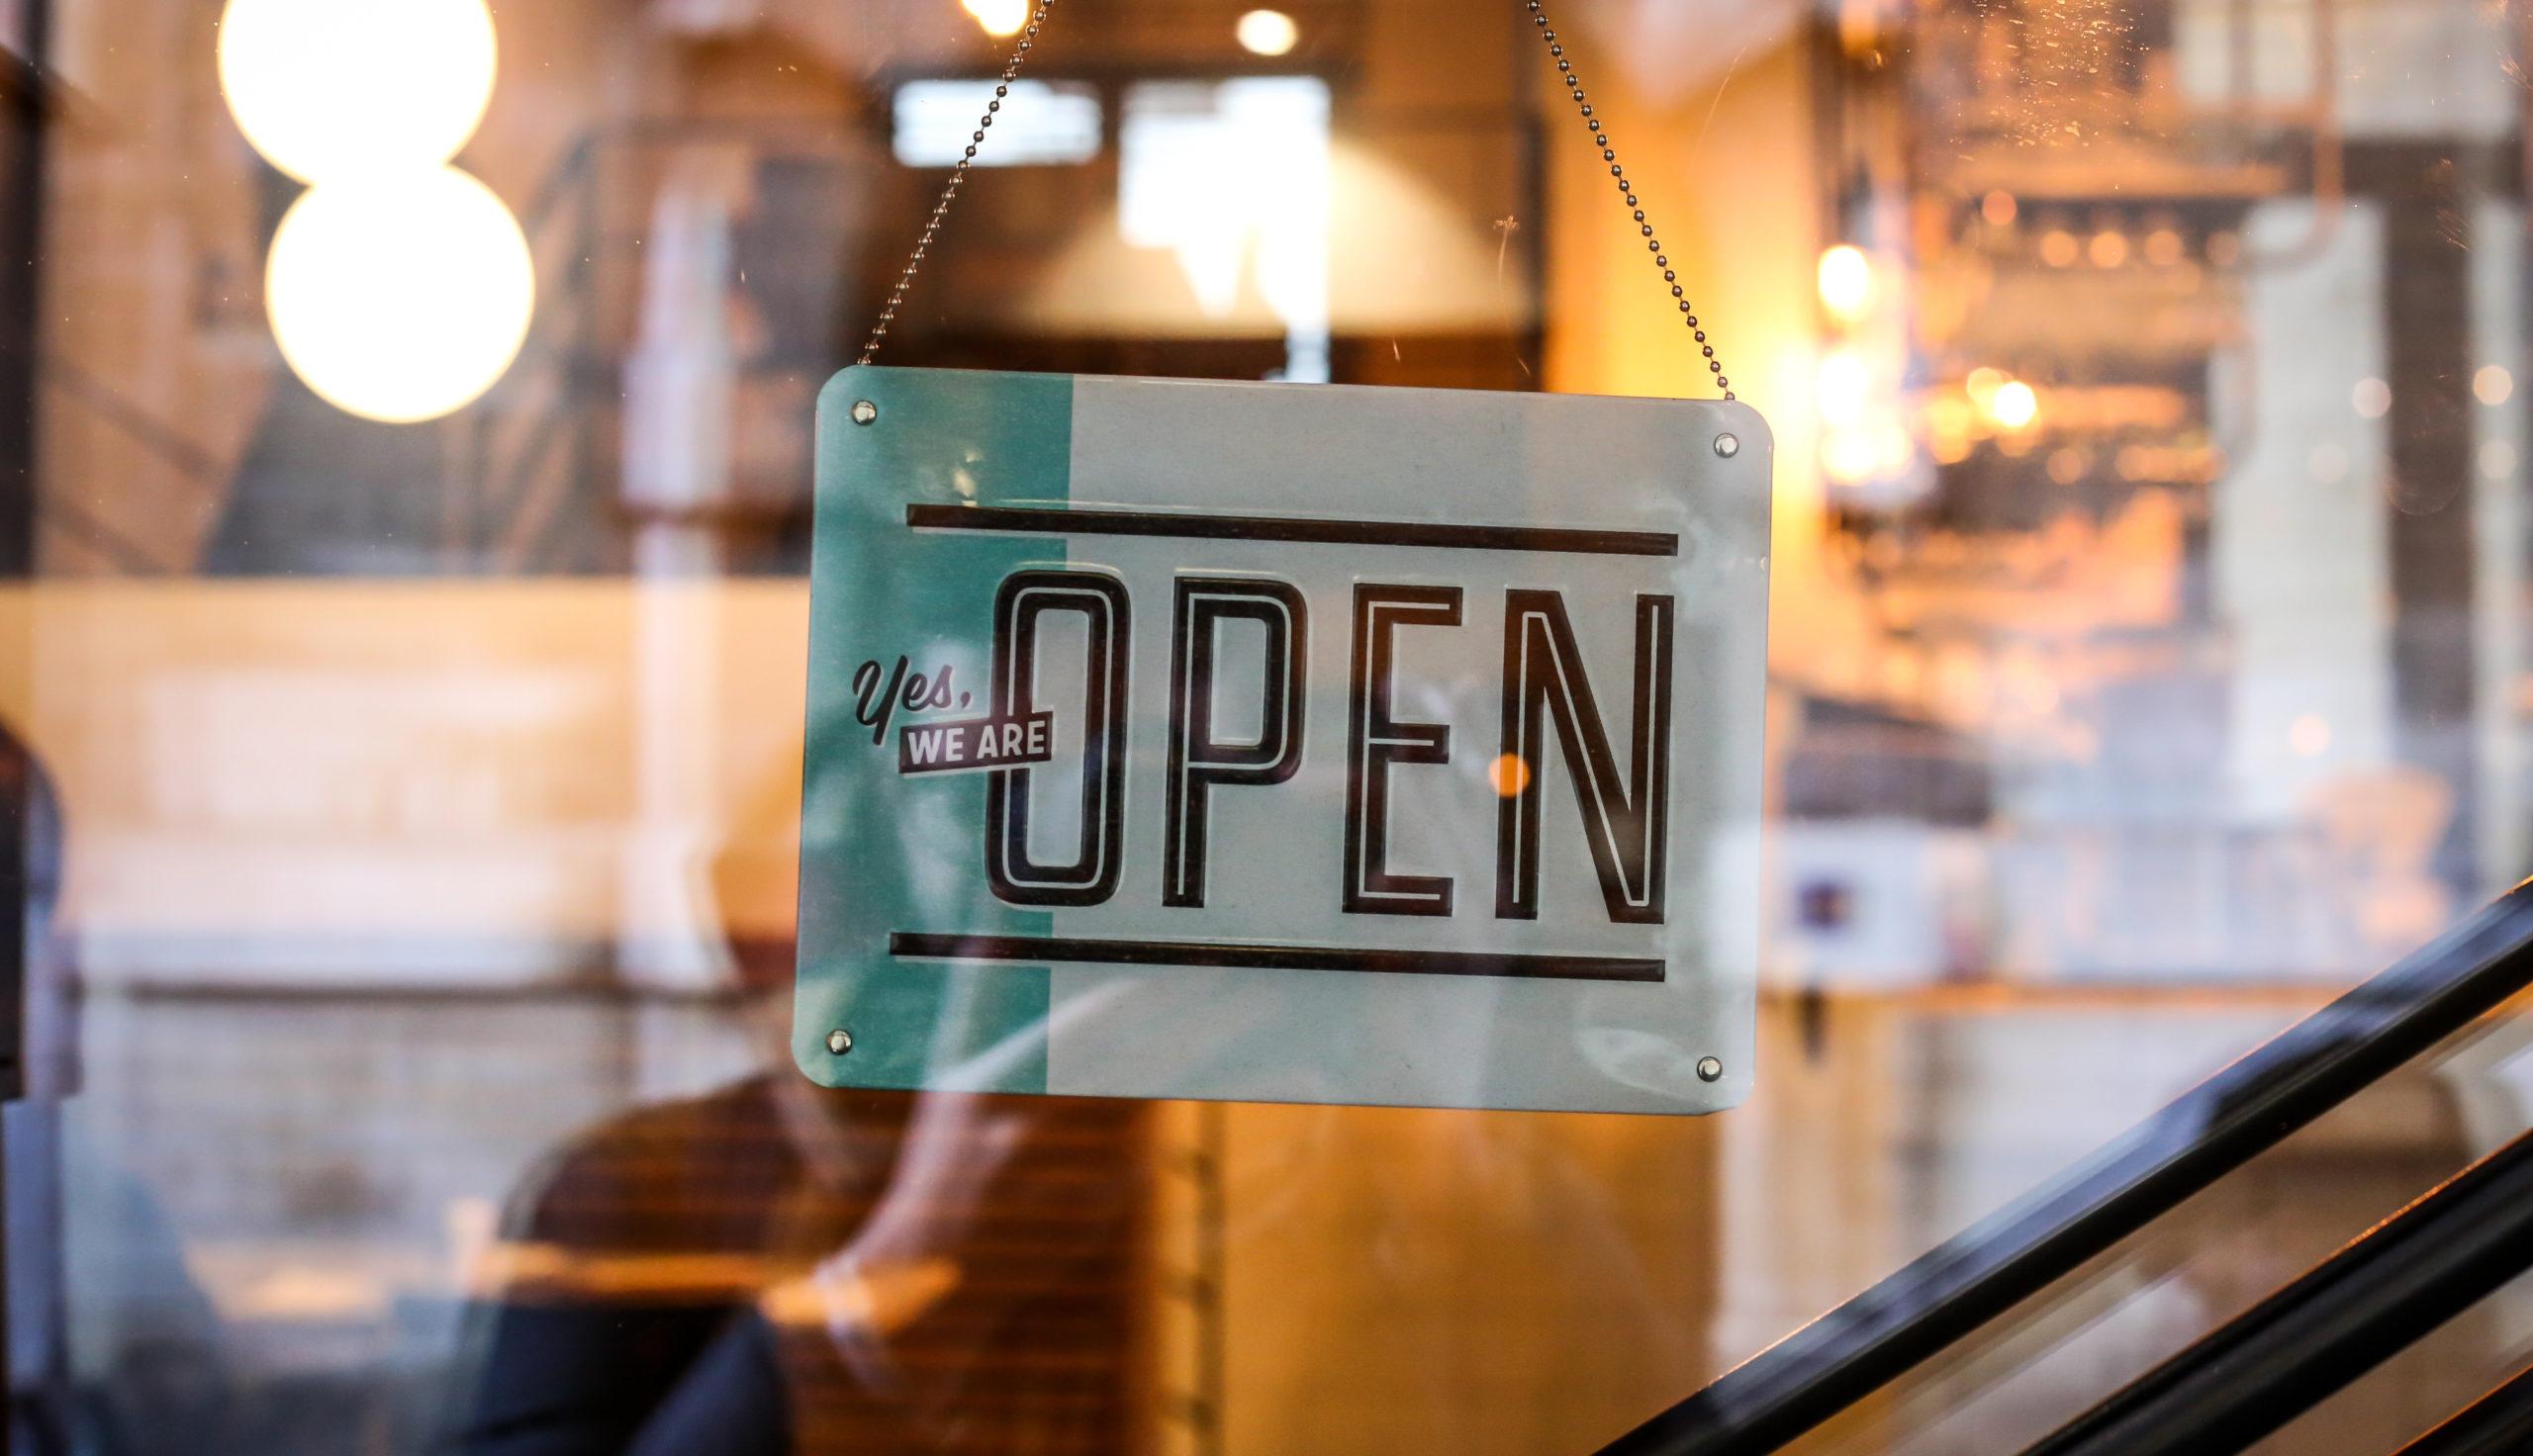 KMU kaum sichtbar – 95 Prozent der Webseiten haben Optimierungsbedarf